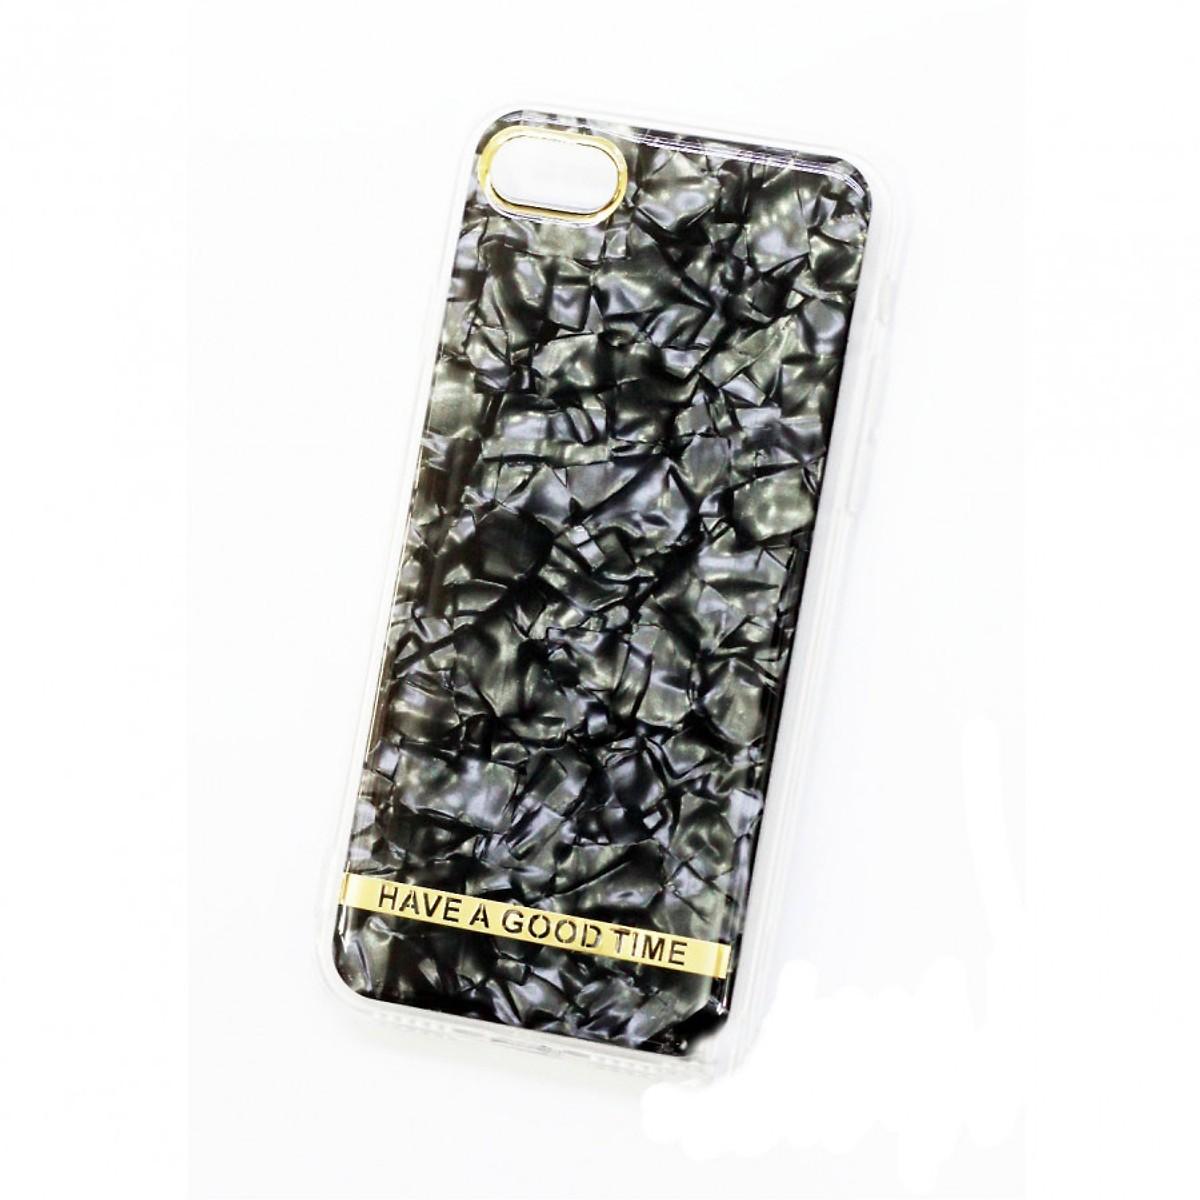 Ốp Cẩm Thạch Dành Cho iPhone - Mẫu 7 - iPhone 7 Plus